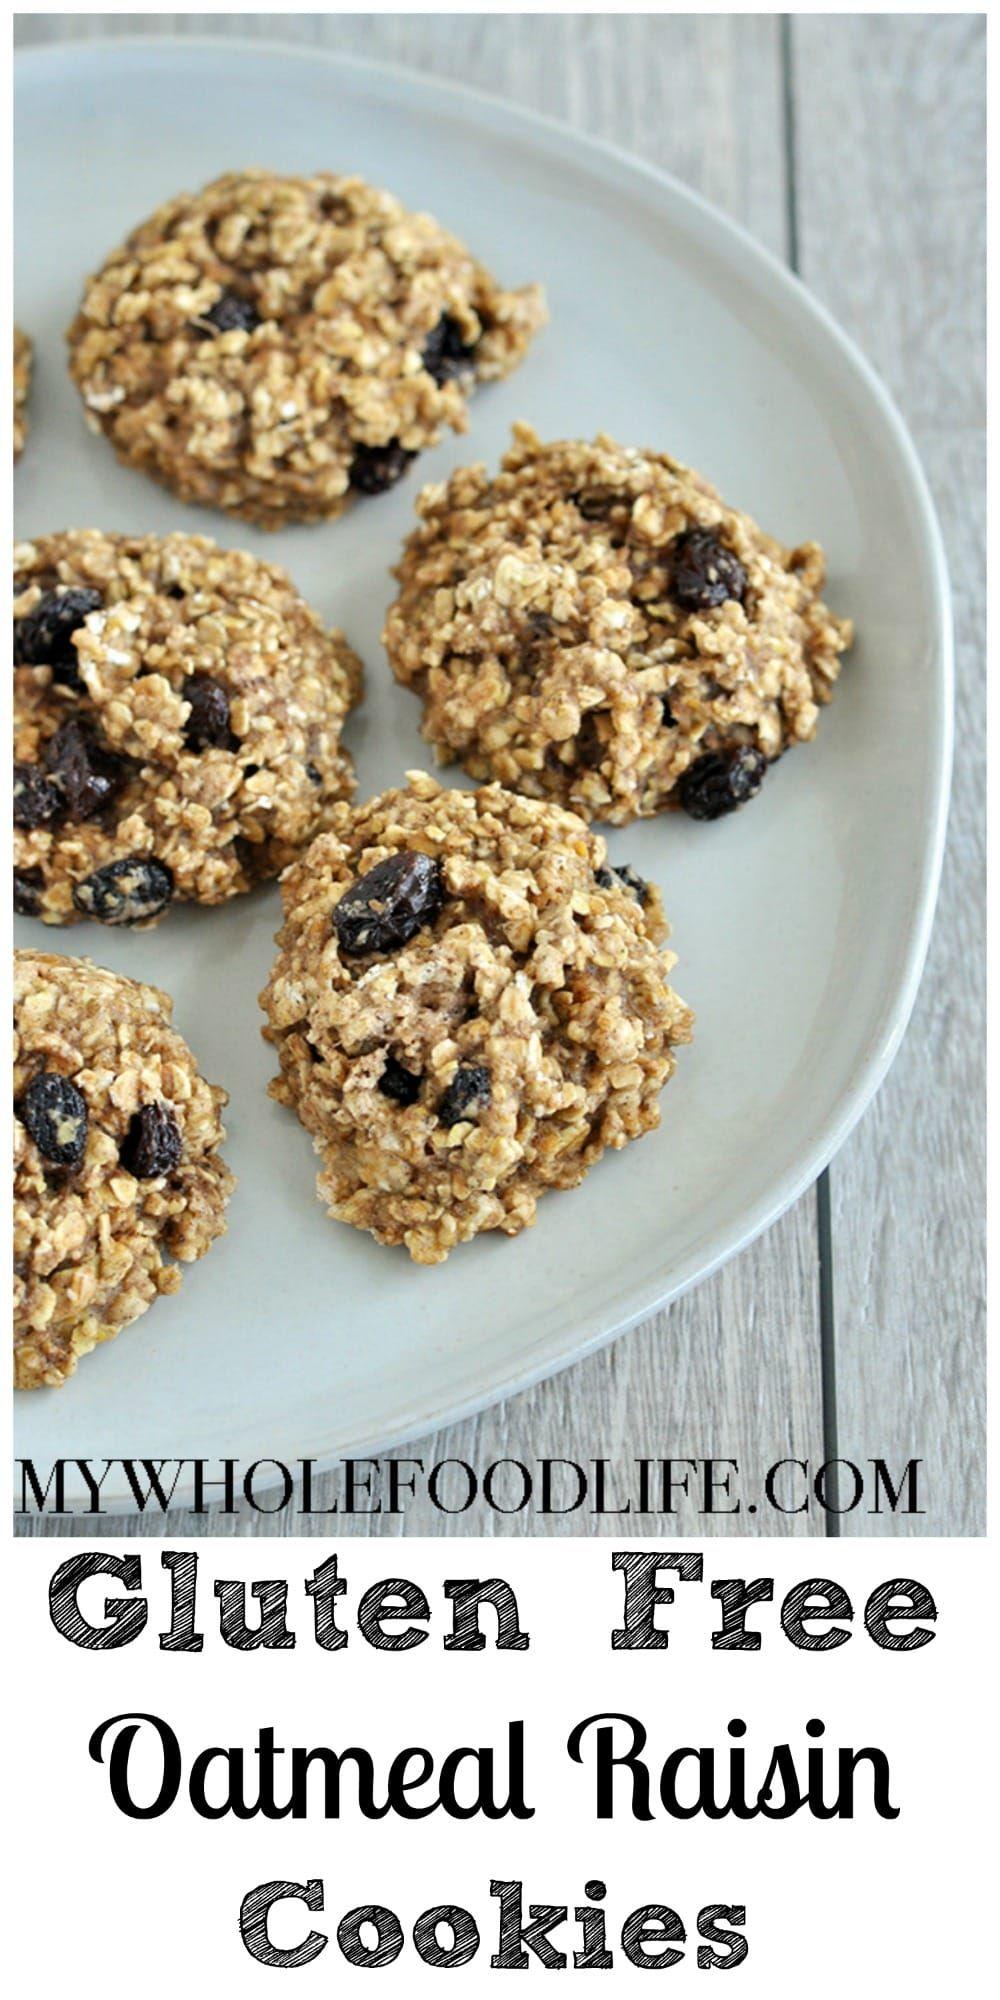 Gluten free oatmeal raisin cookies vegan my whole food